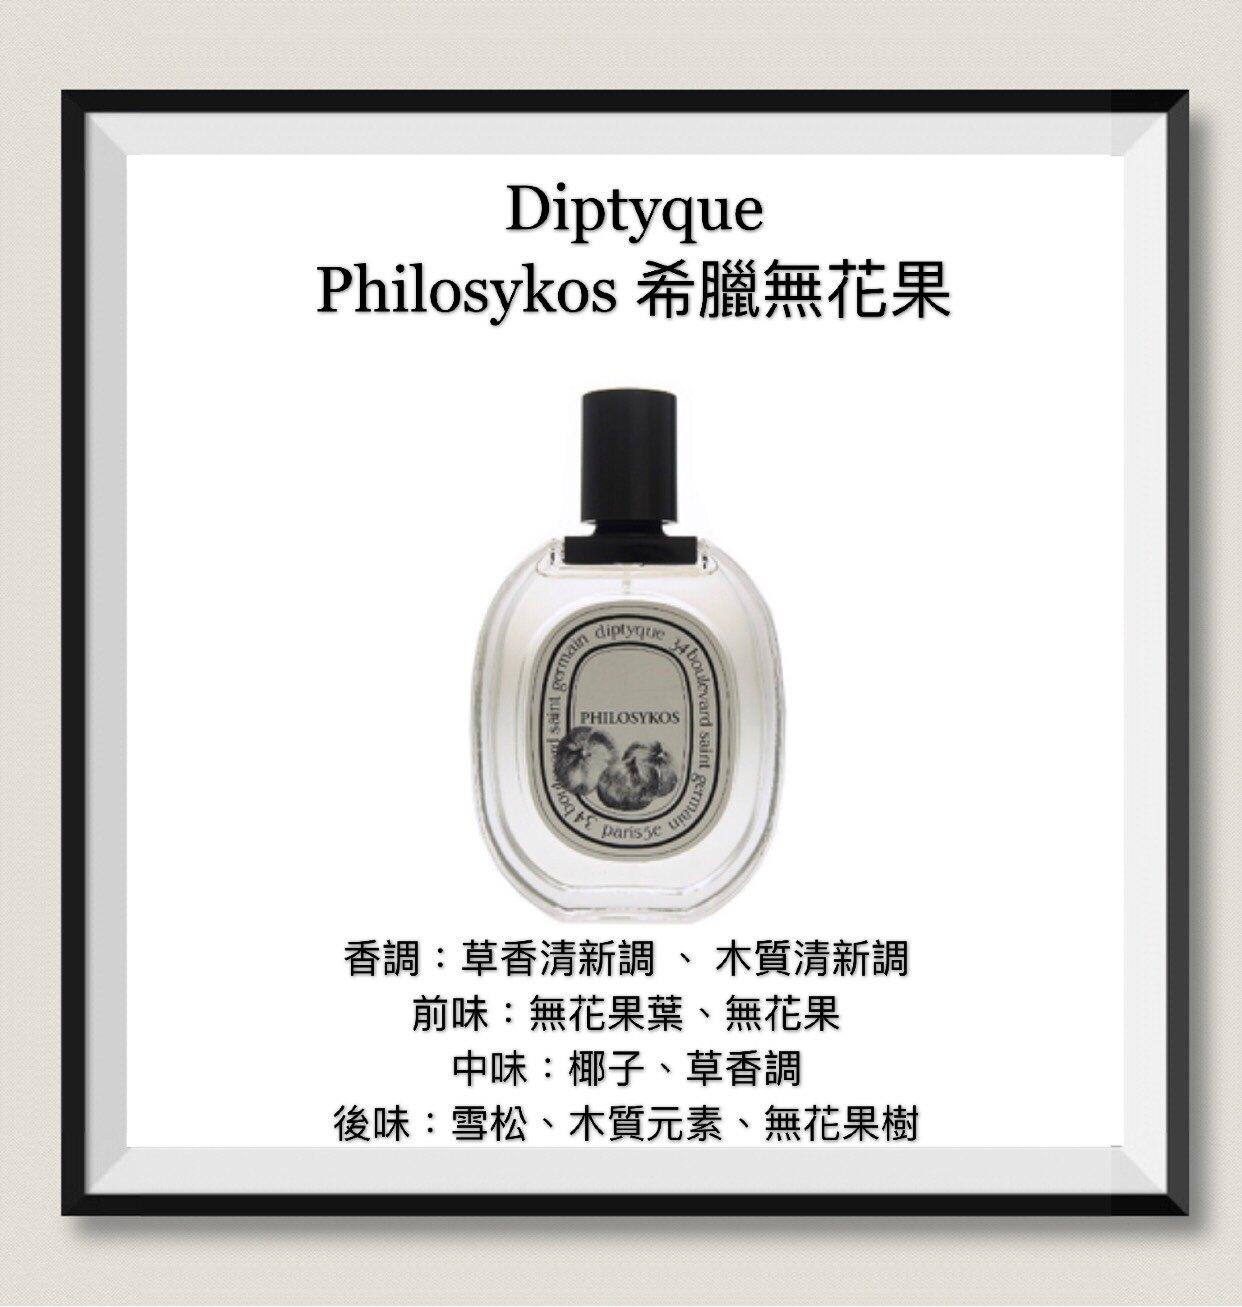 【香舍】Diptyque Philosykos 希臘無花果 中性淡香水